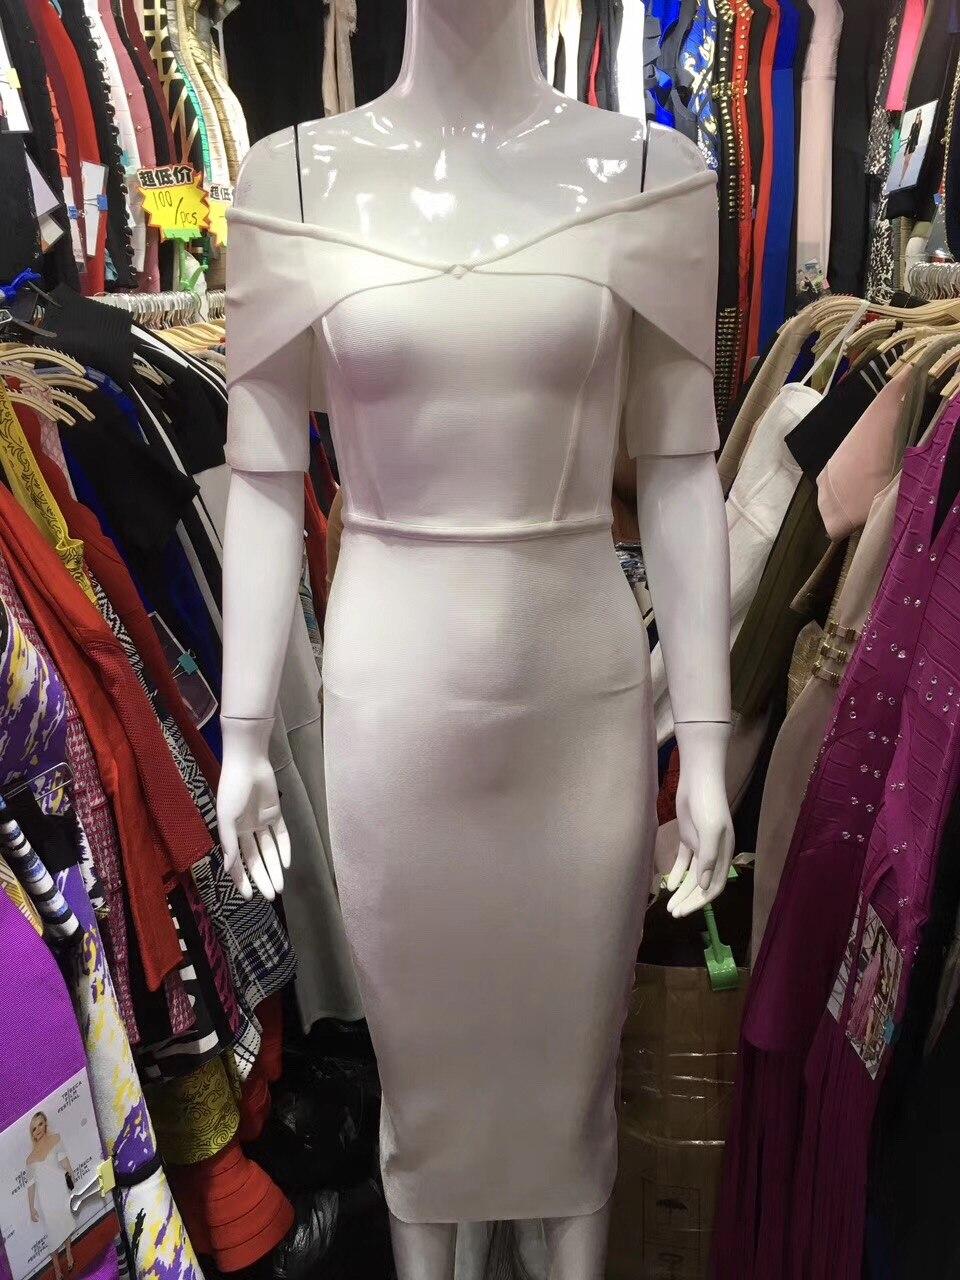 bianco Fasciatura Mezza Bianco Viola 2017 Manica Spalla Vestito Aderente Da Fuori Rayon Donne Sexy Elegante Viola Partito Dalla ED2HIW9